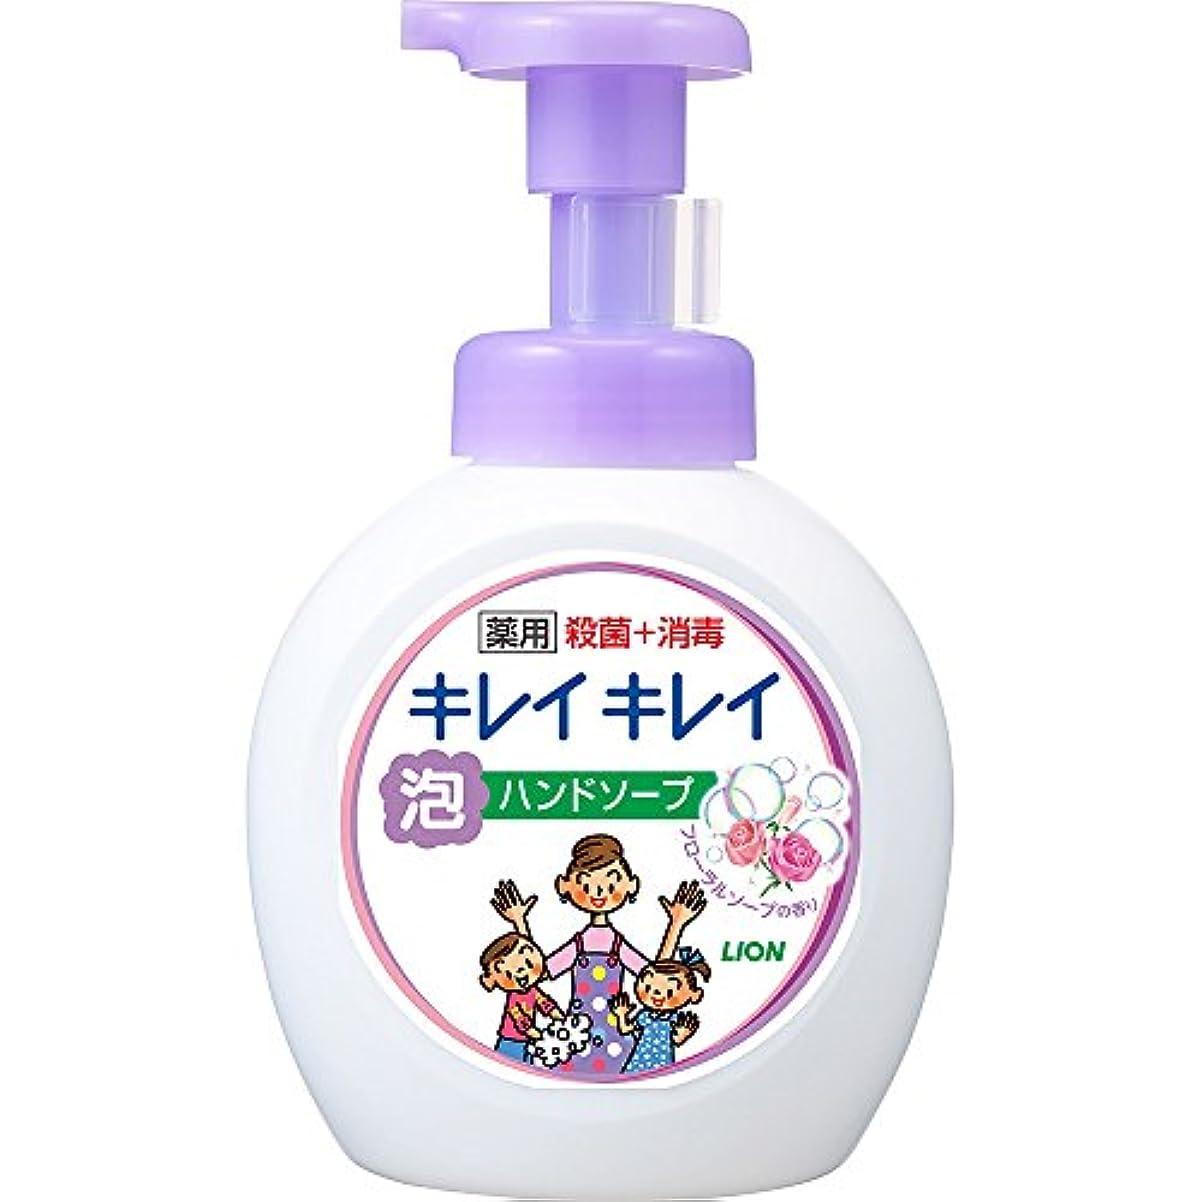 無線略奪影のあるキレイキレイ 薬用 泡ハンドソープ フローラルソープの香り 本体ポンプ 大型サイズ 500ml(医薬部外品)